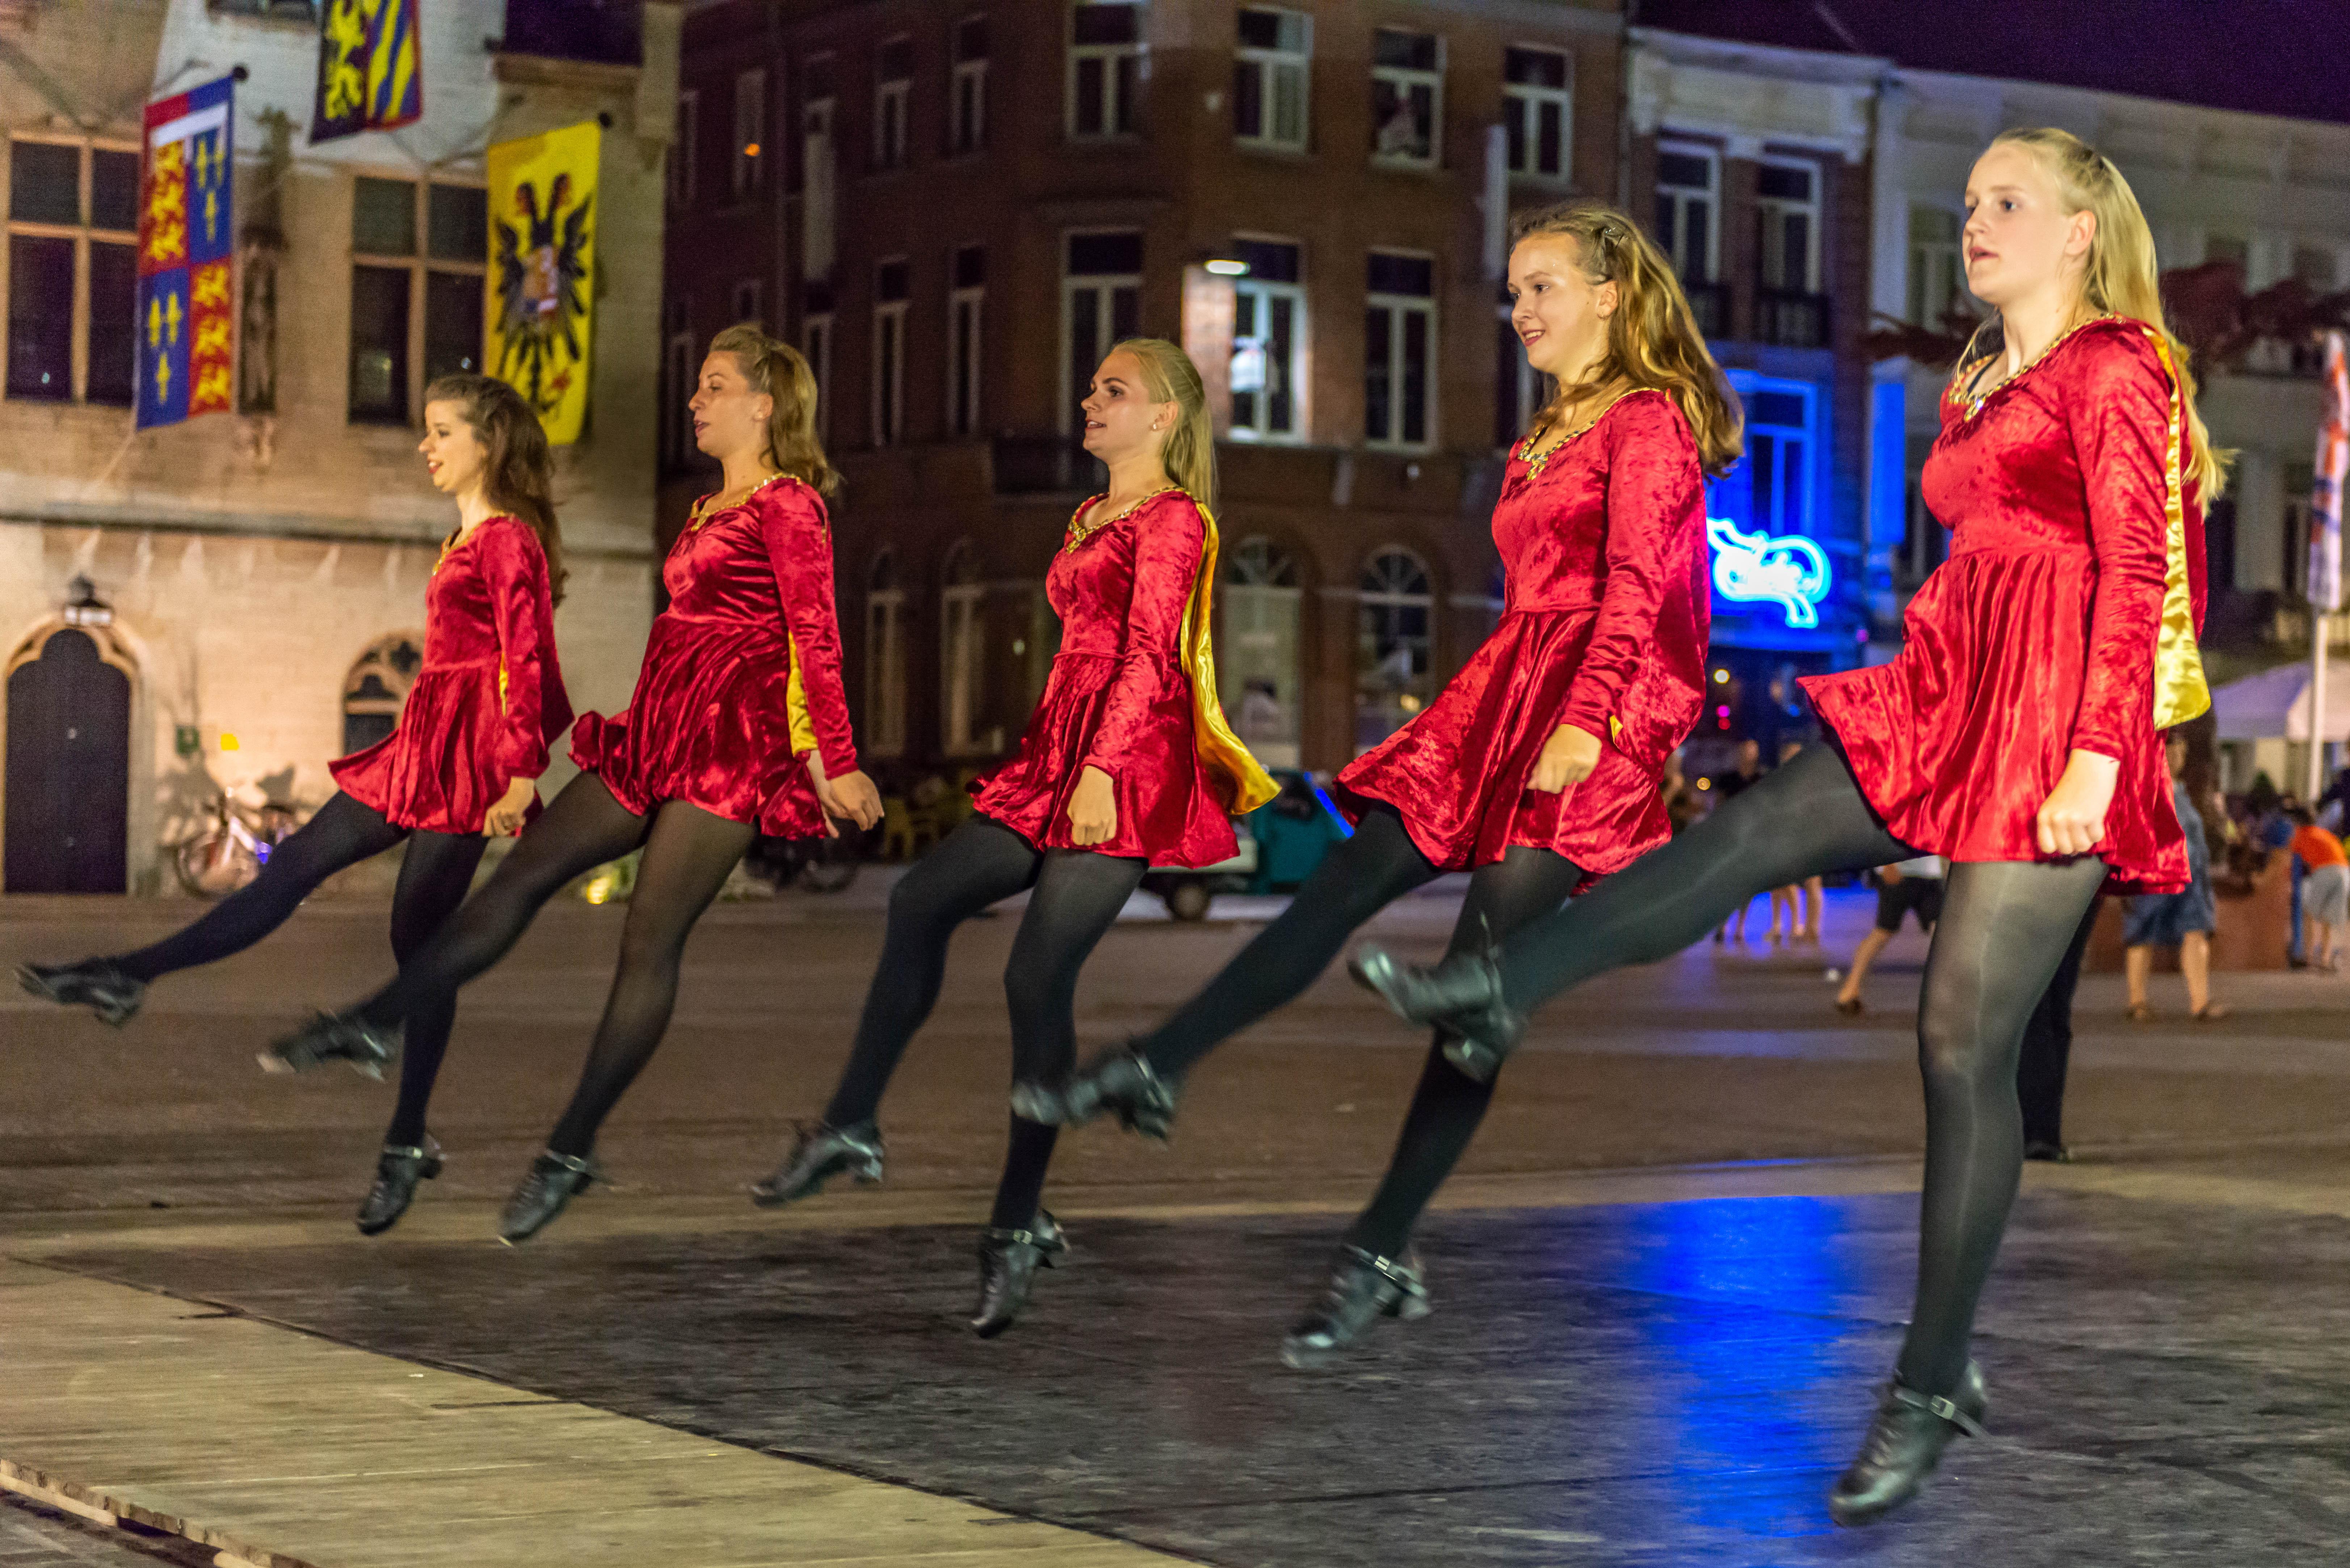 Irish dancing Holland